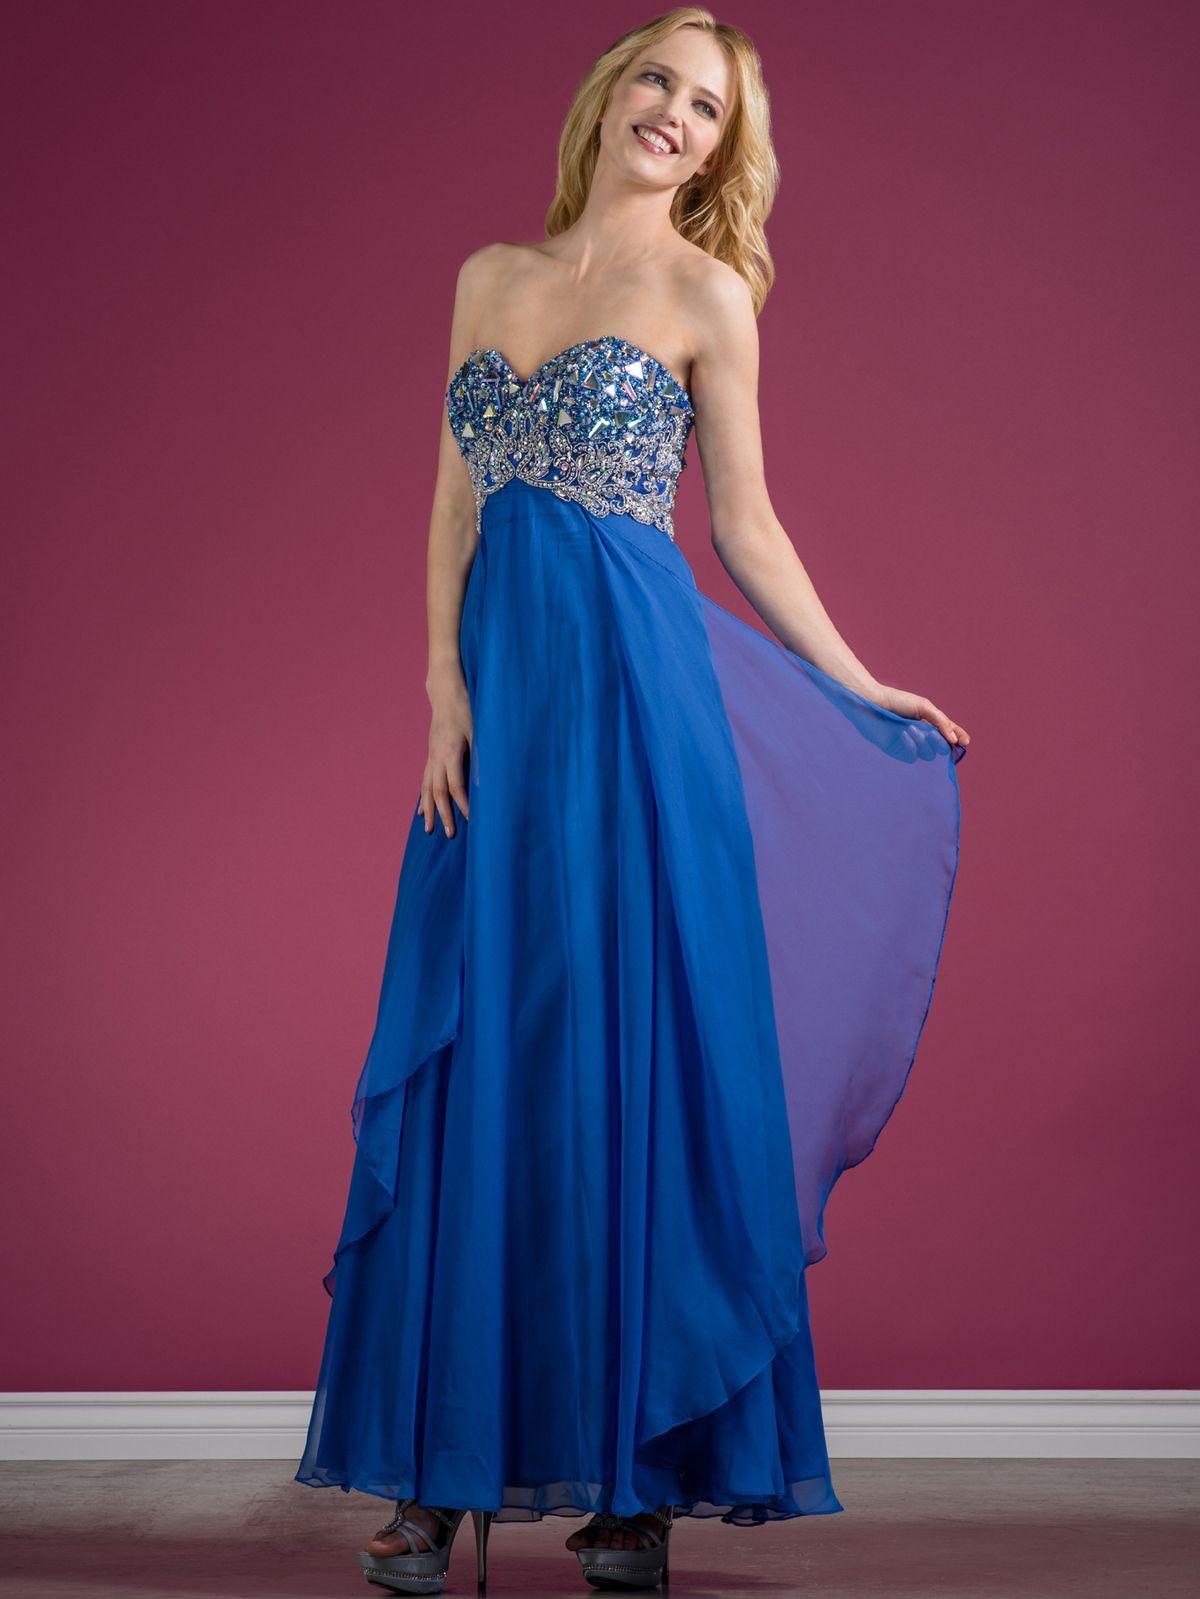 Awesome Prom Dresses - Ocodea.com